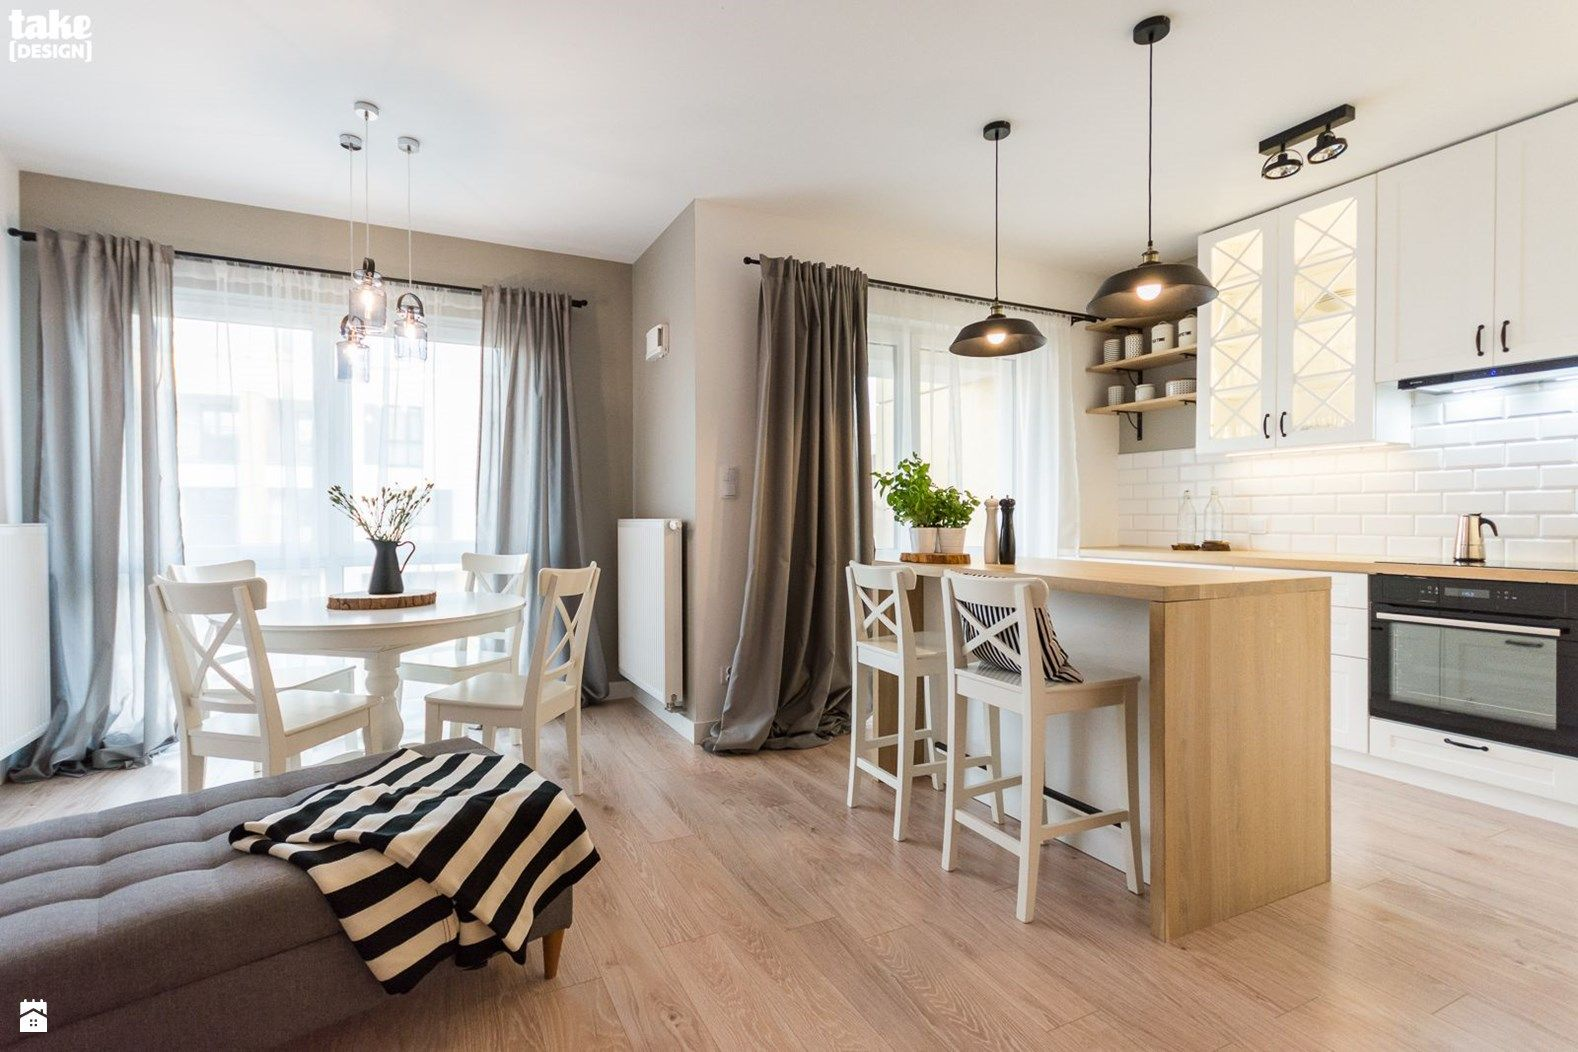 Kuchnia styl Skandynawski - zdjęcie od TAKE [DESIGN] - Kuchnia ...